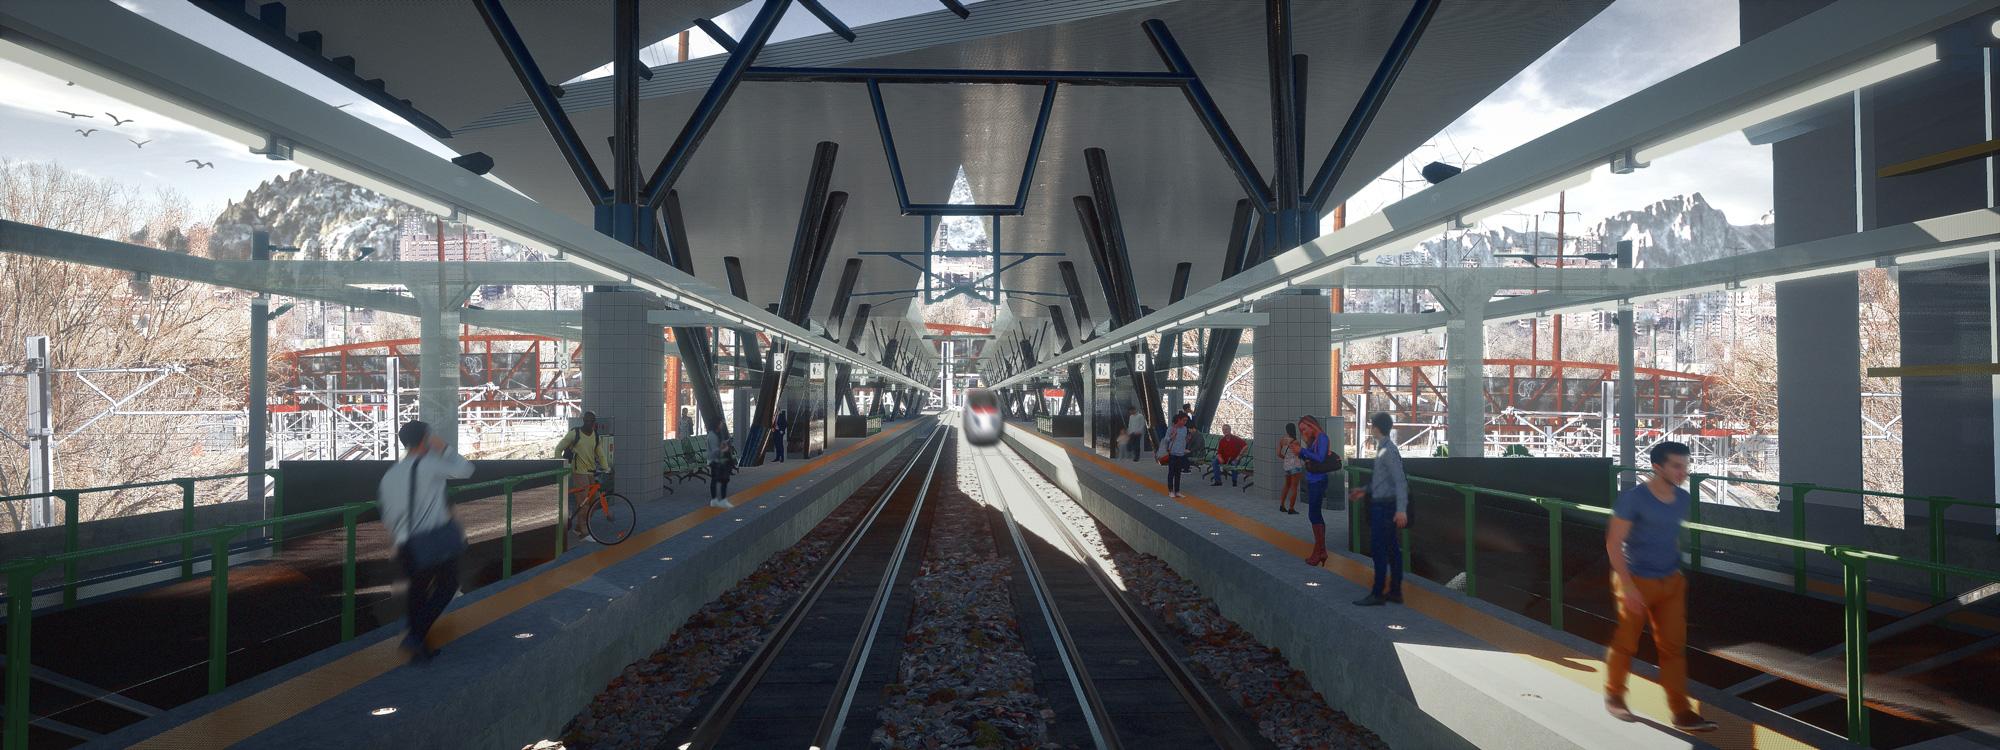 Dyade - Projet Train station PSD